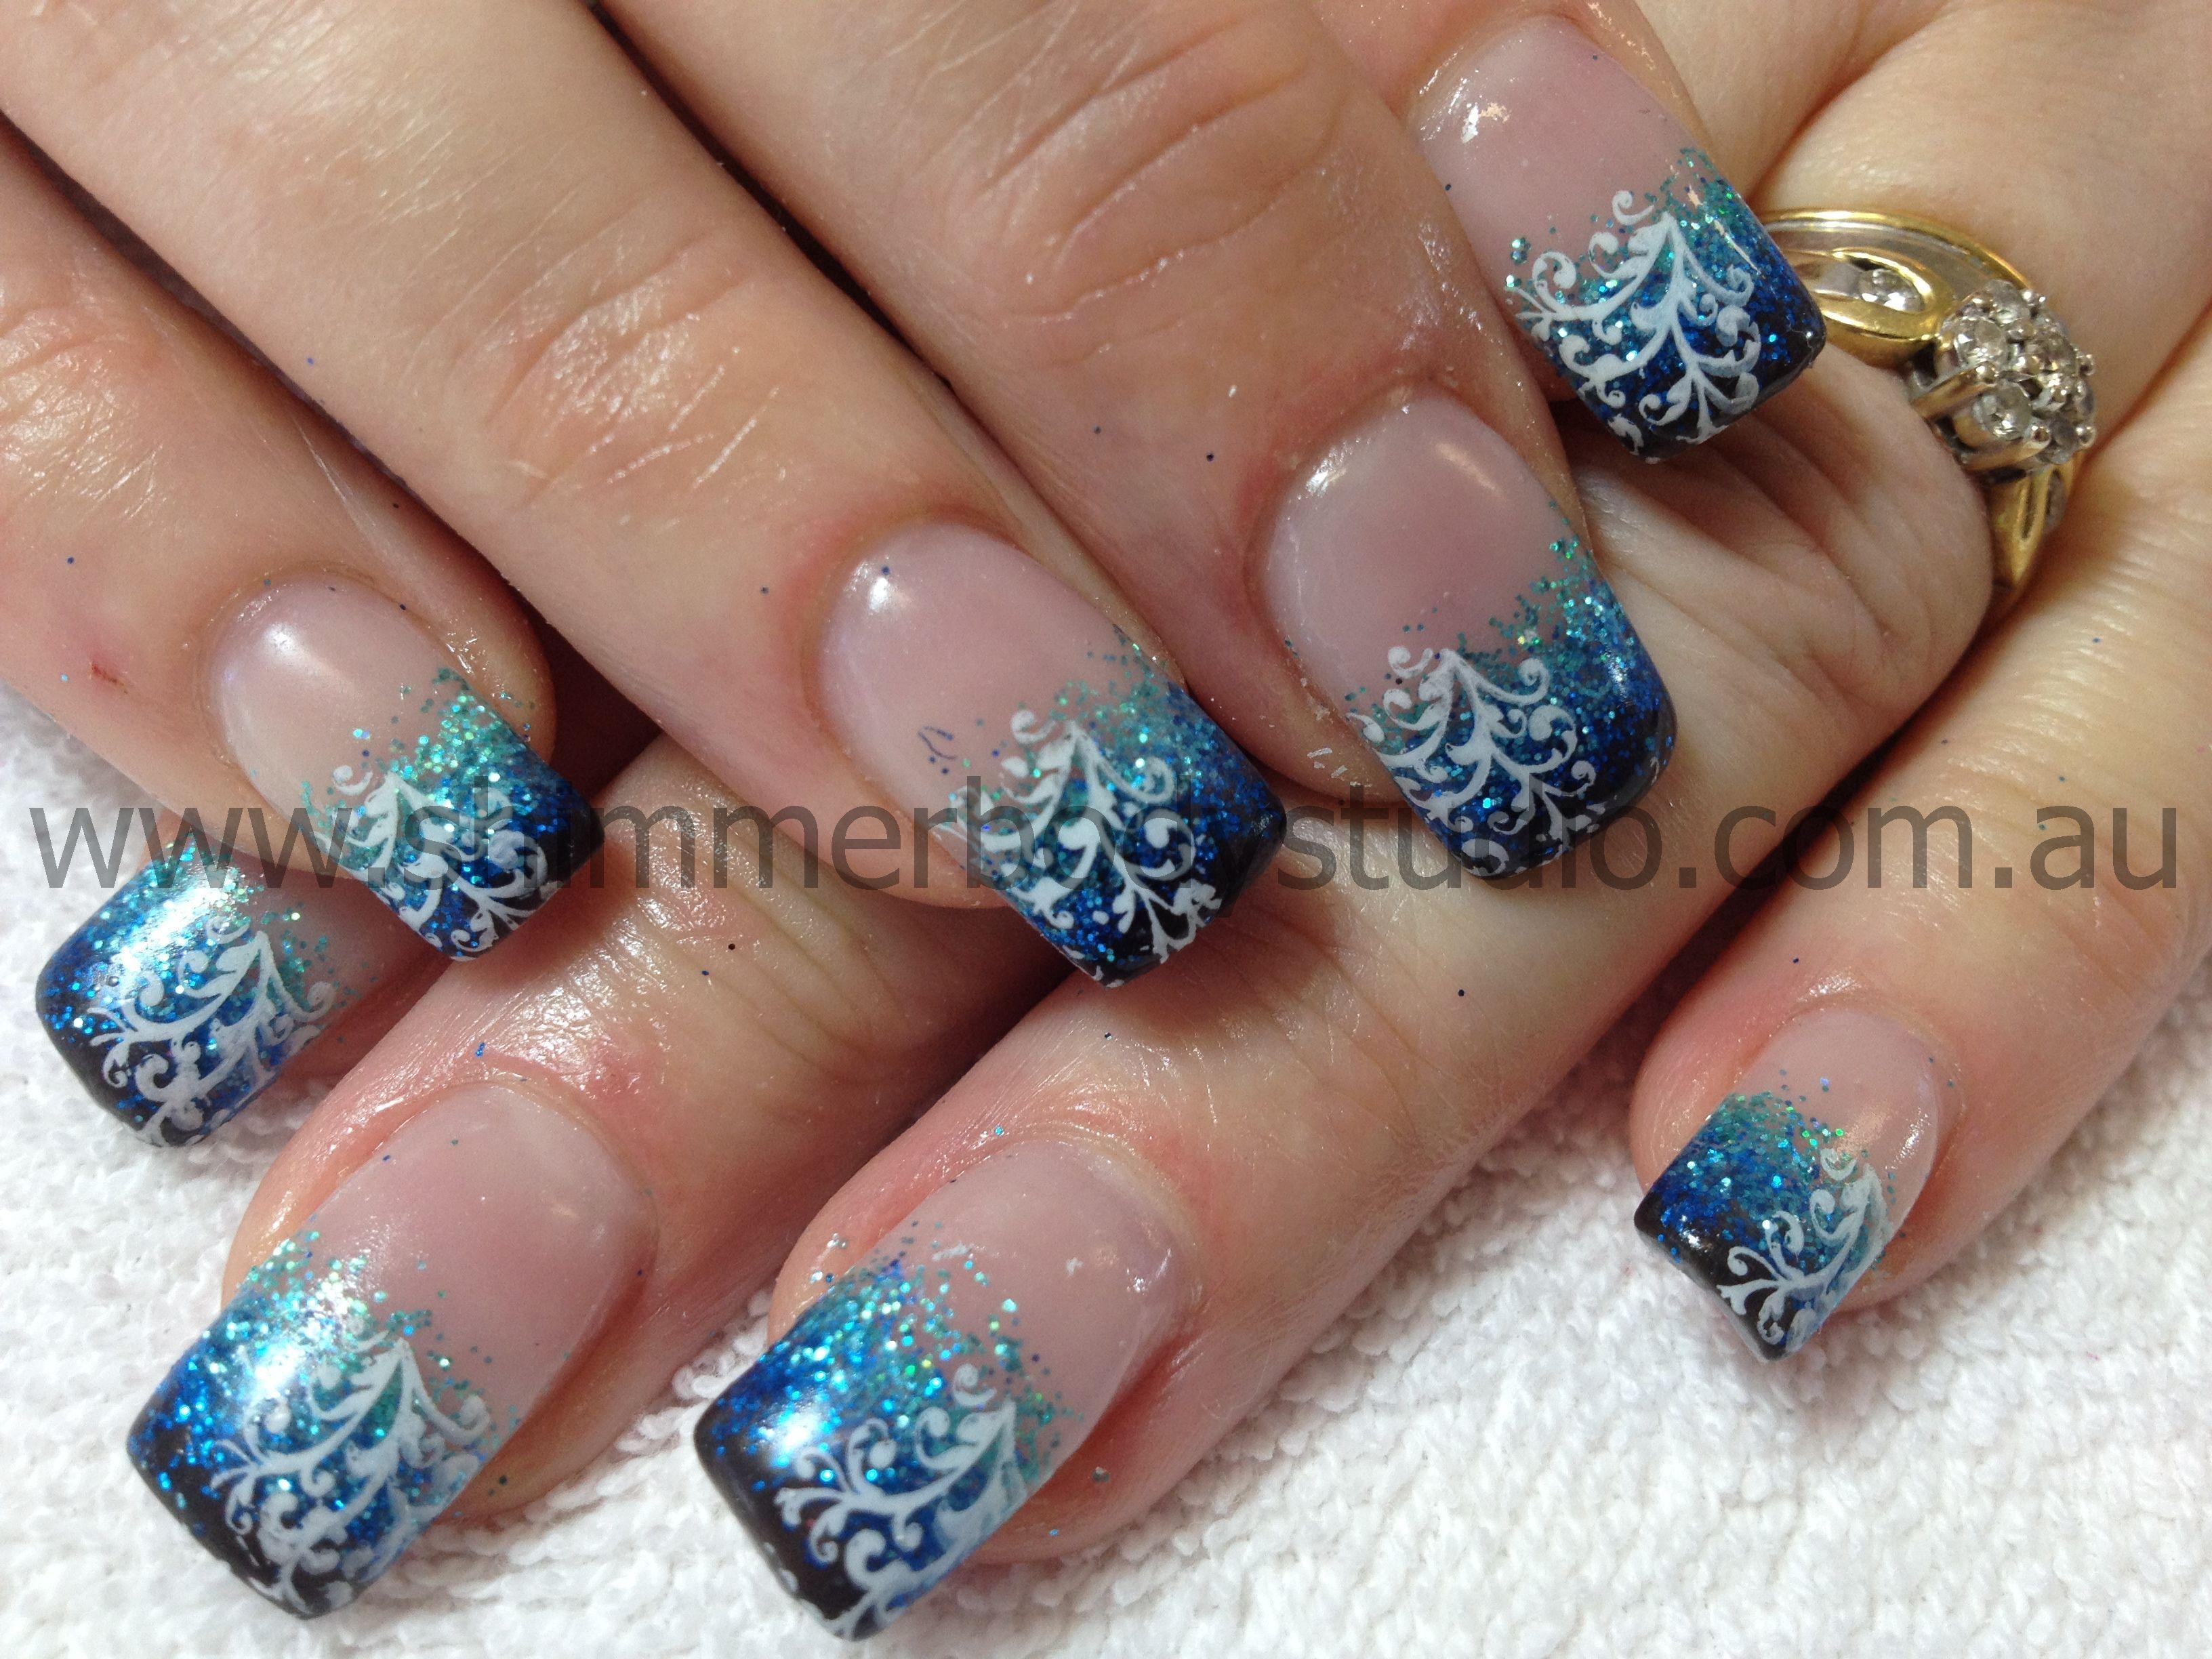 Glitter nails gel nails blue nails konad stamping nail art